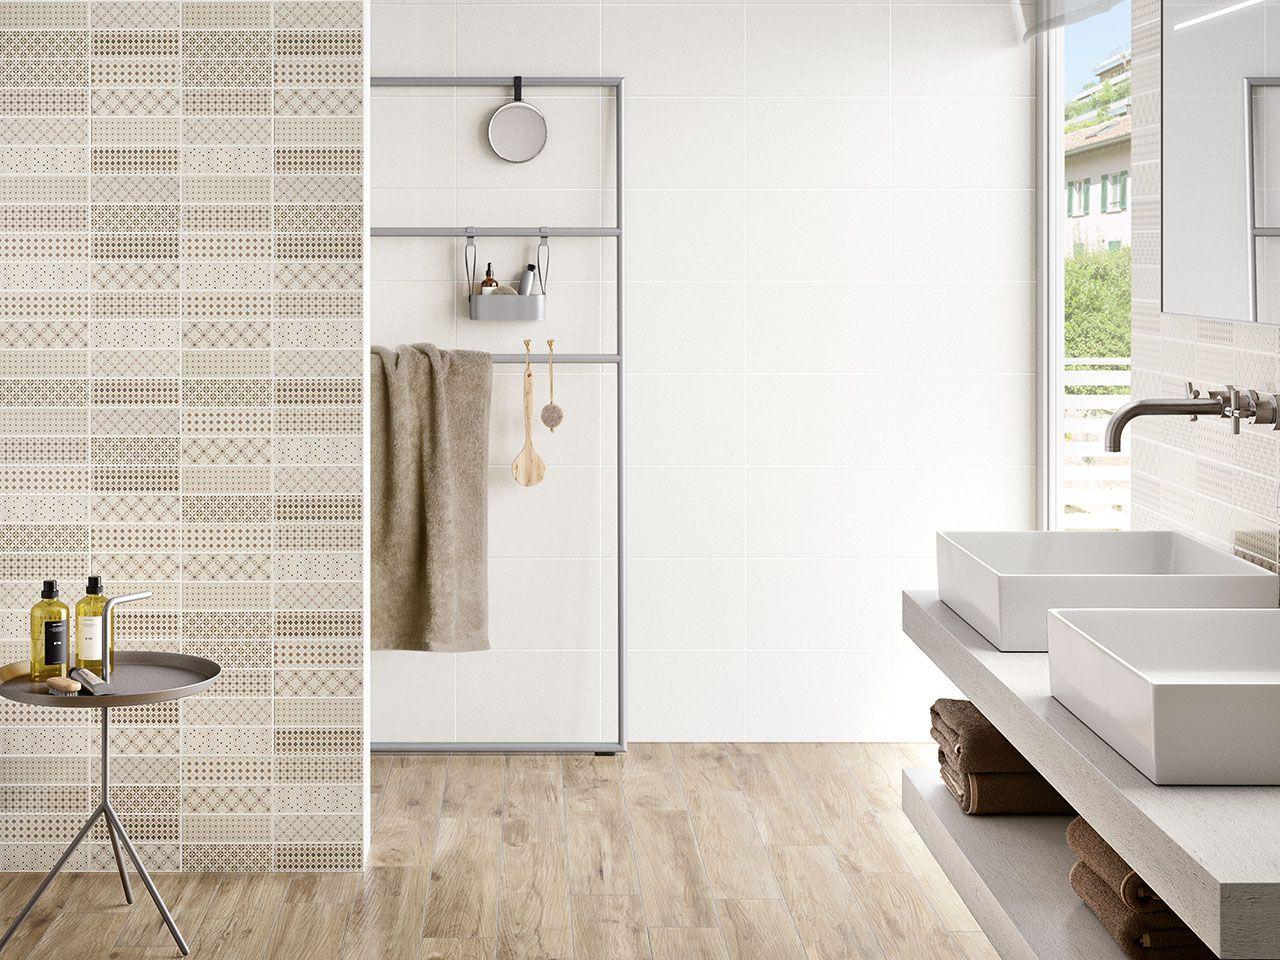 Bagno Colori Neutri : Rivestimento bagno in bicottura serie pattern bianco dimensioni